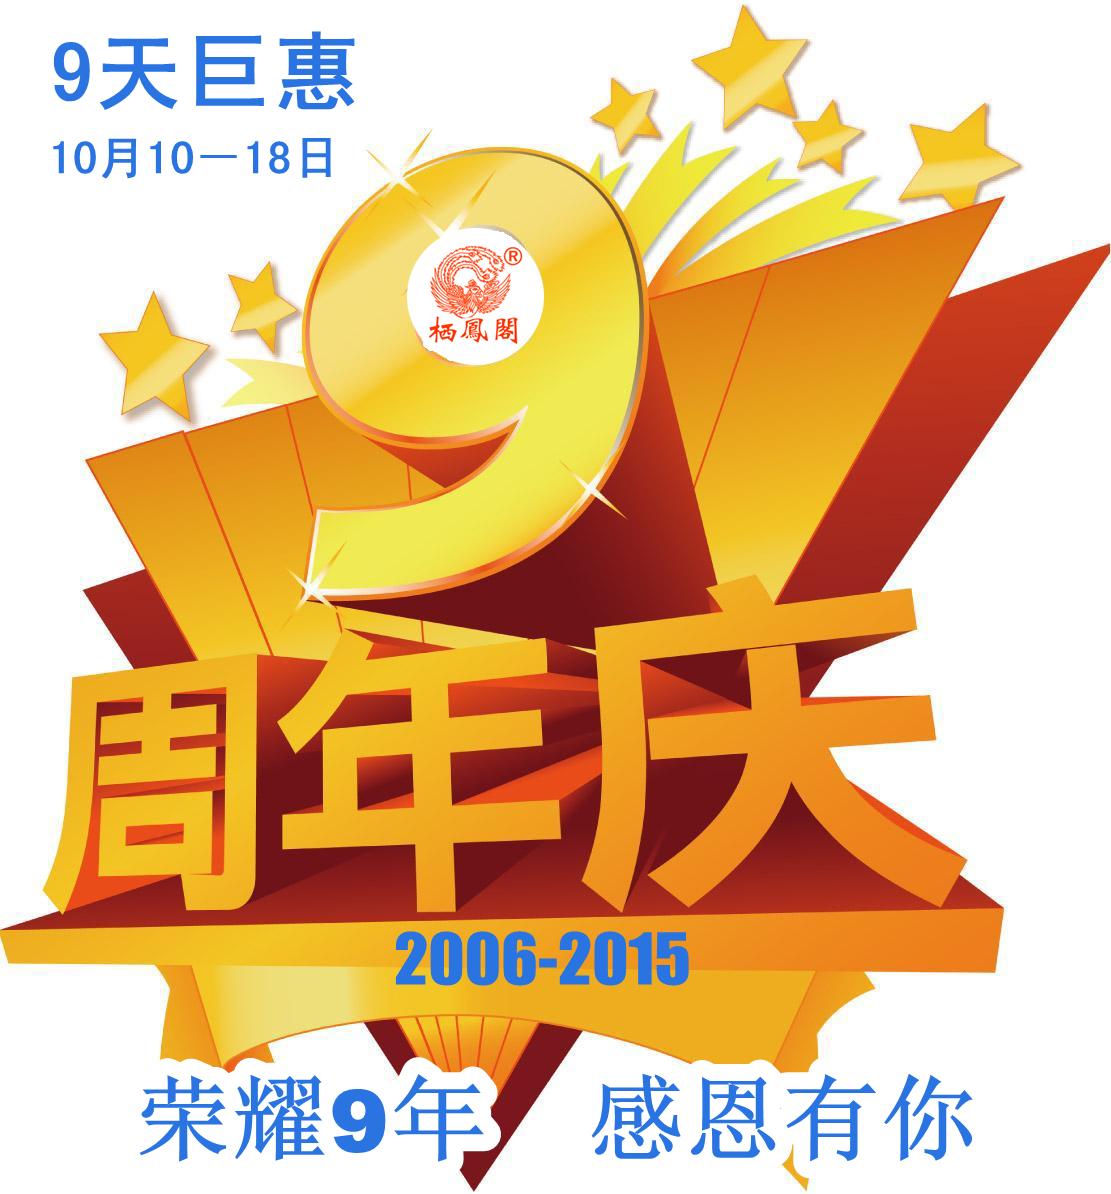 栖凤阁#汉服#9周年店庆